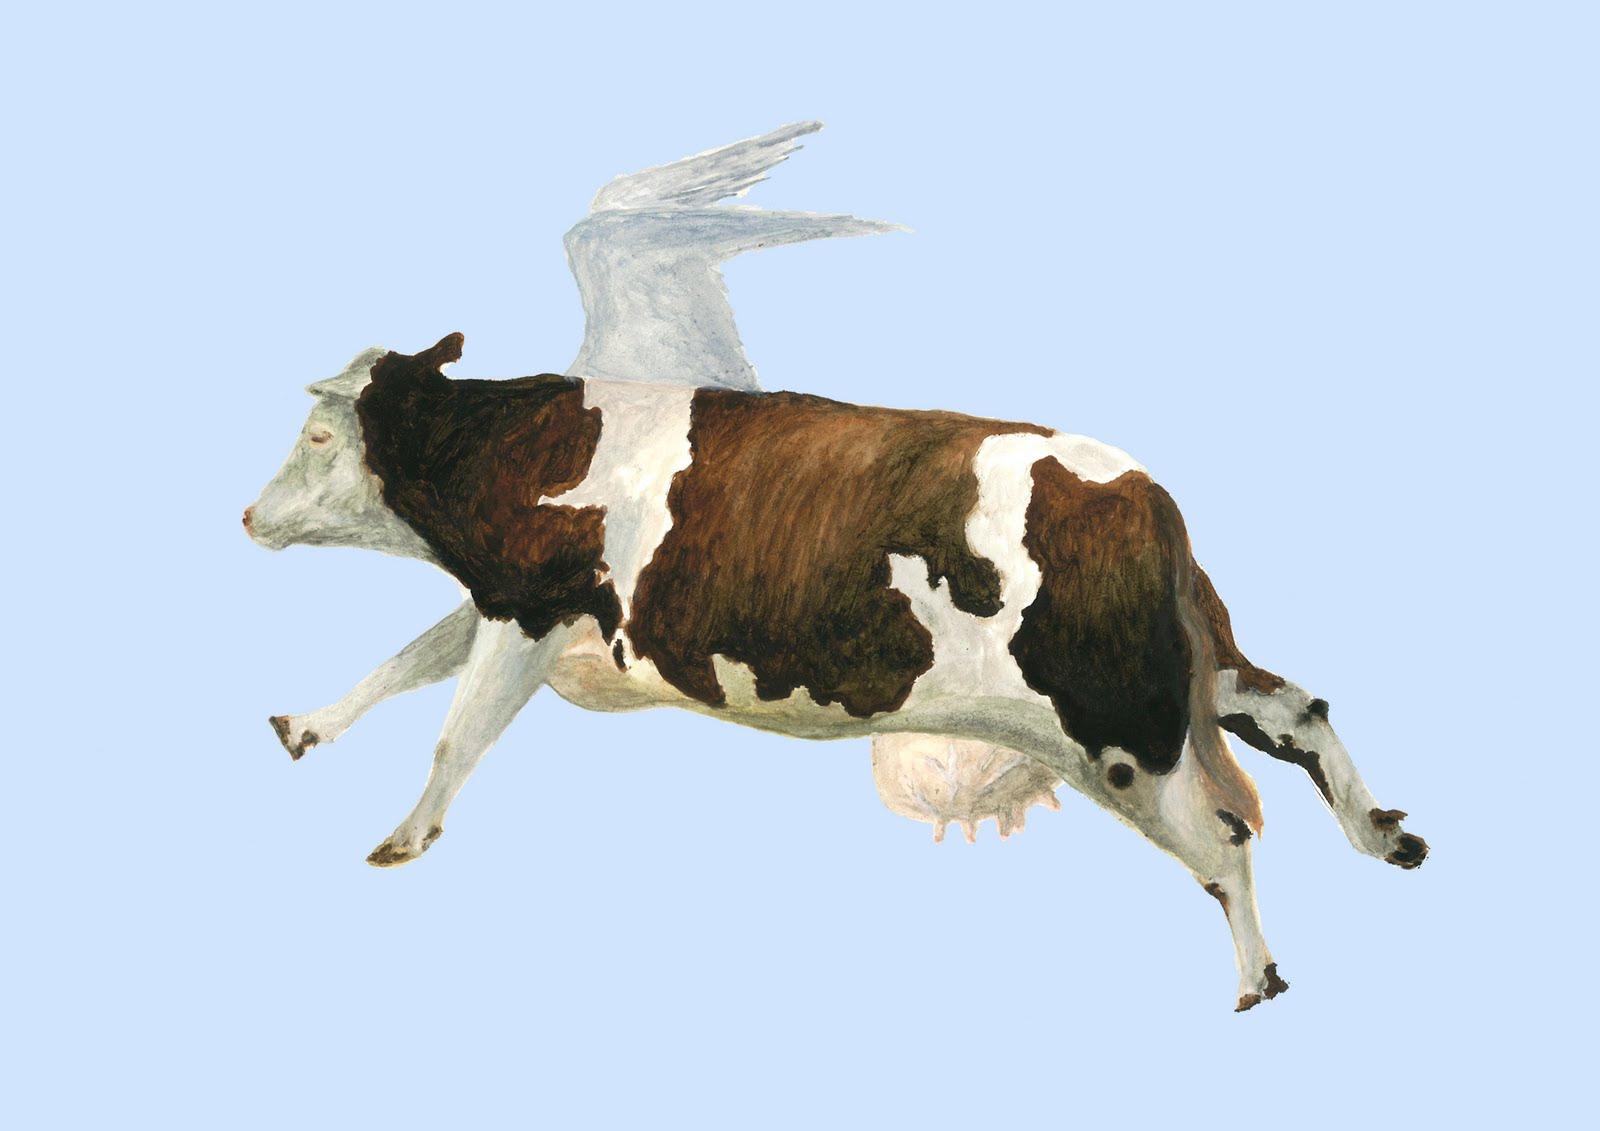 vaca cae desde un avion ruso sobre barco japones